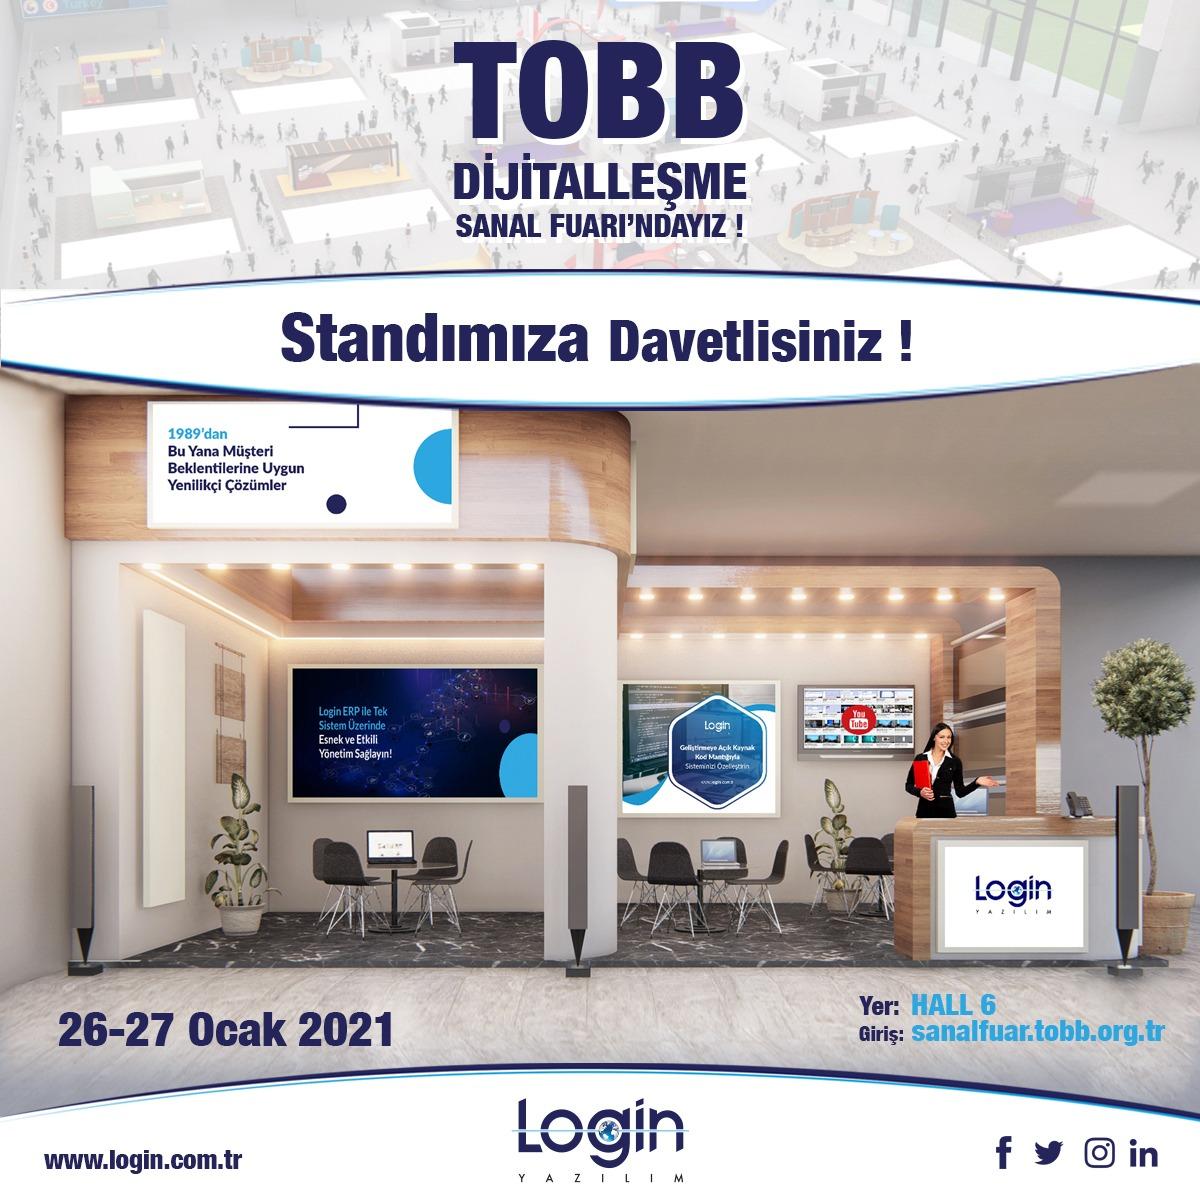 Digitalization Virtual Fair by TOBB